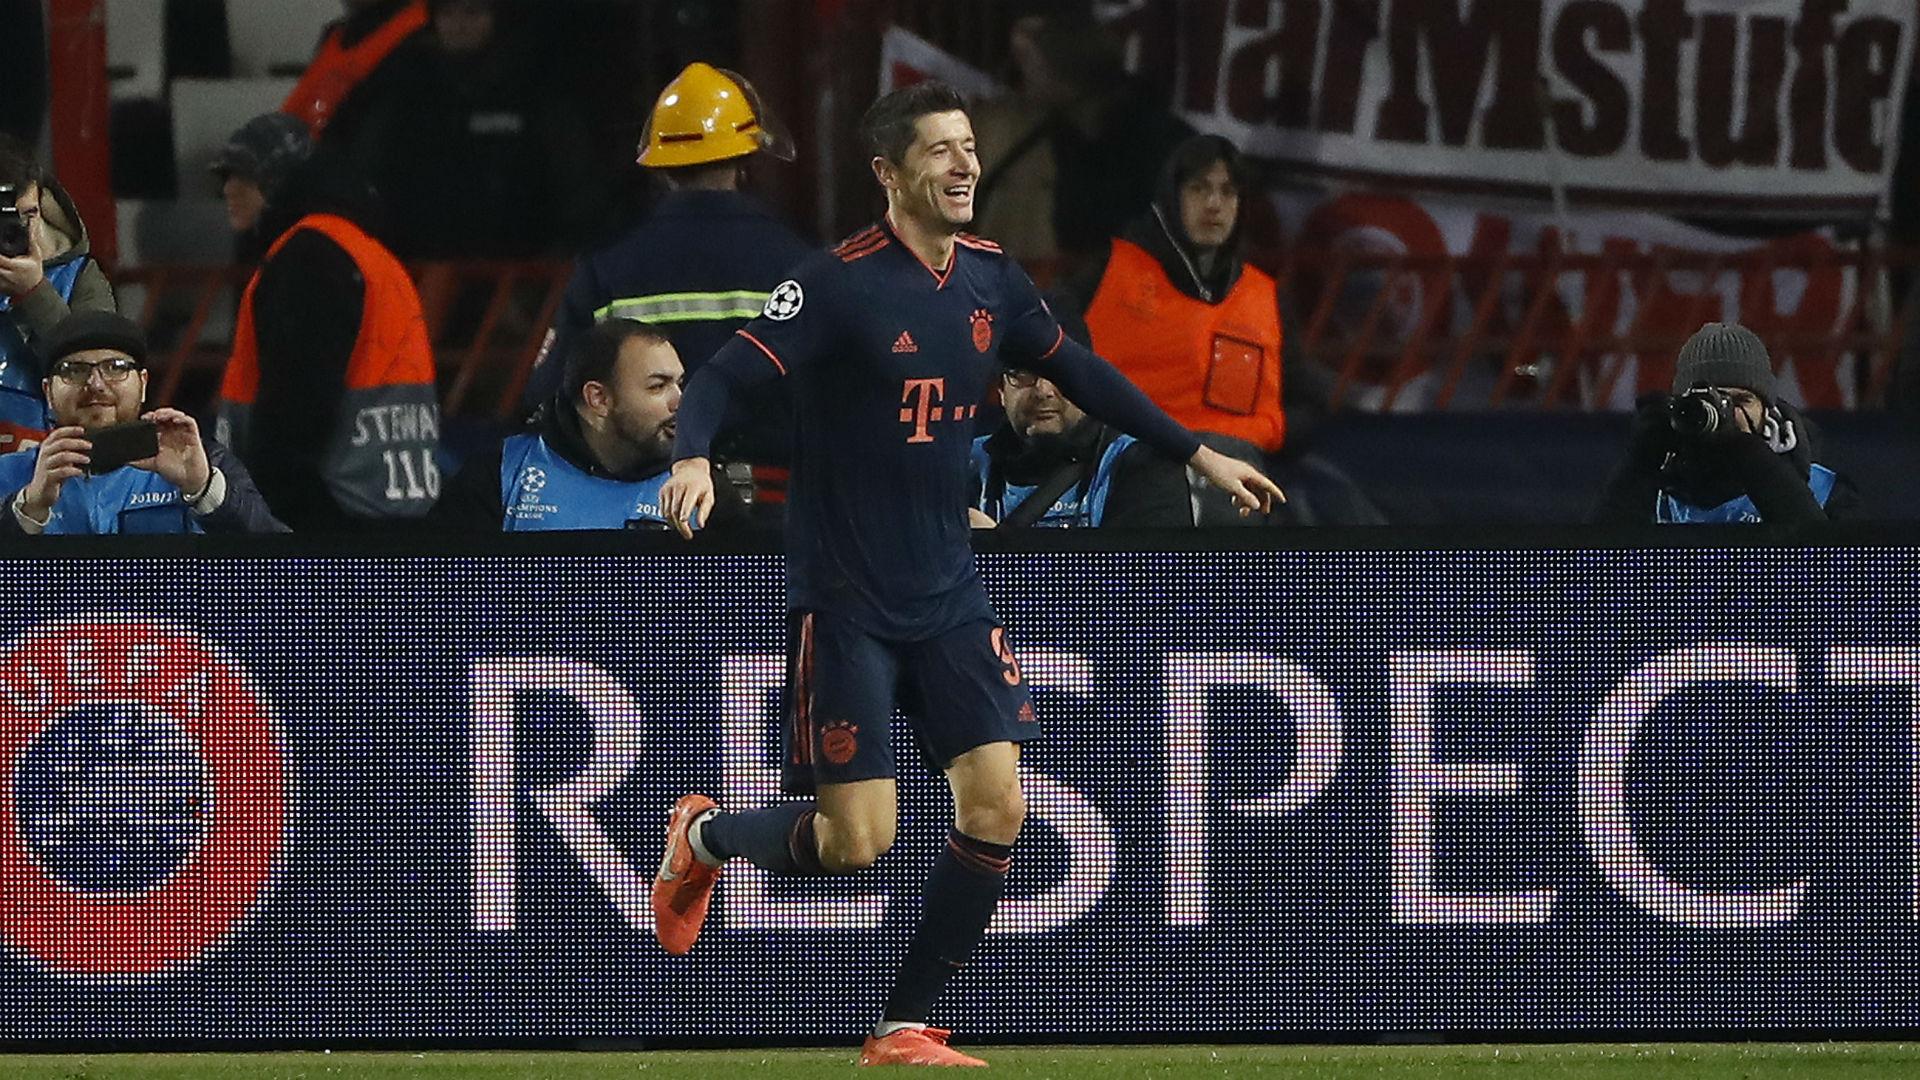 Red Star Belgrade 0-6 Bayern Munich: Sensational four-goal Lewandowski wraps up top spot